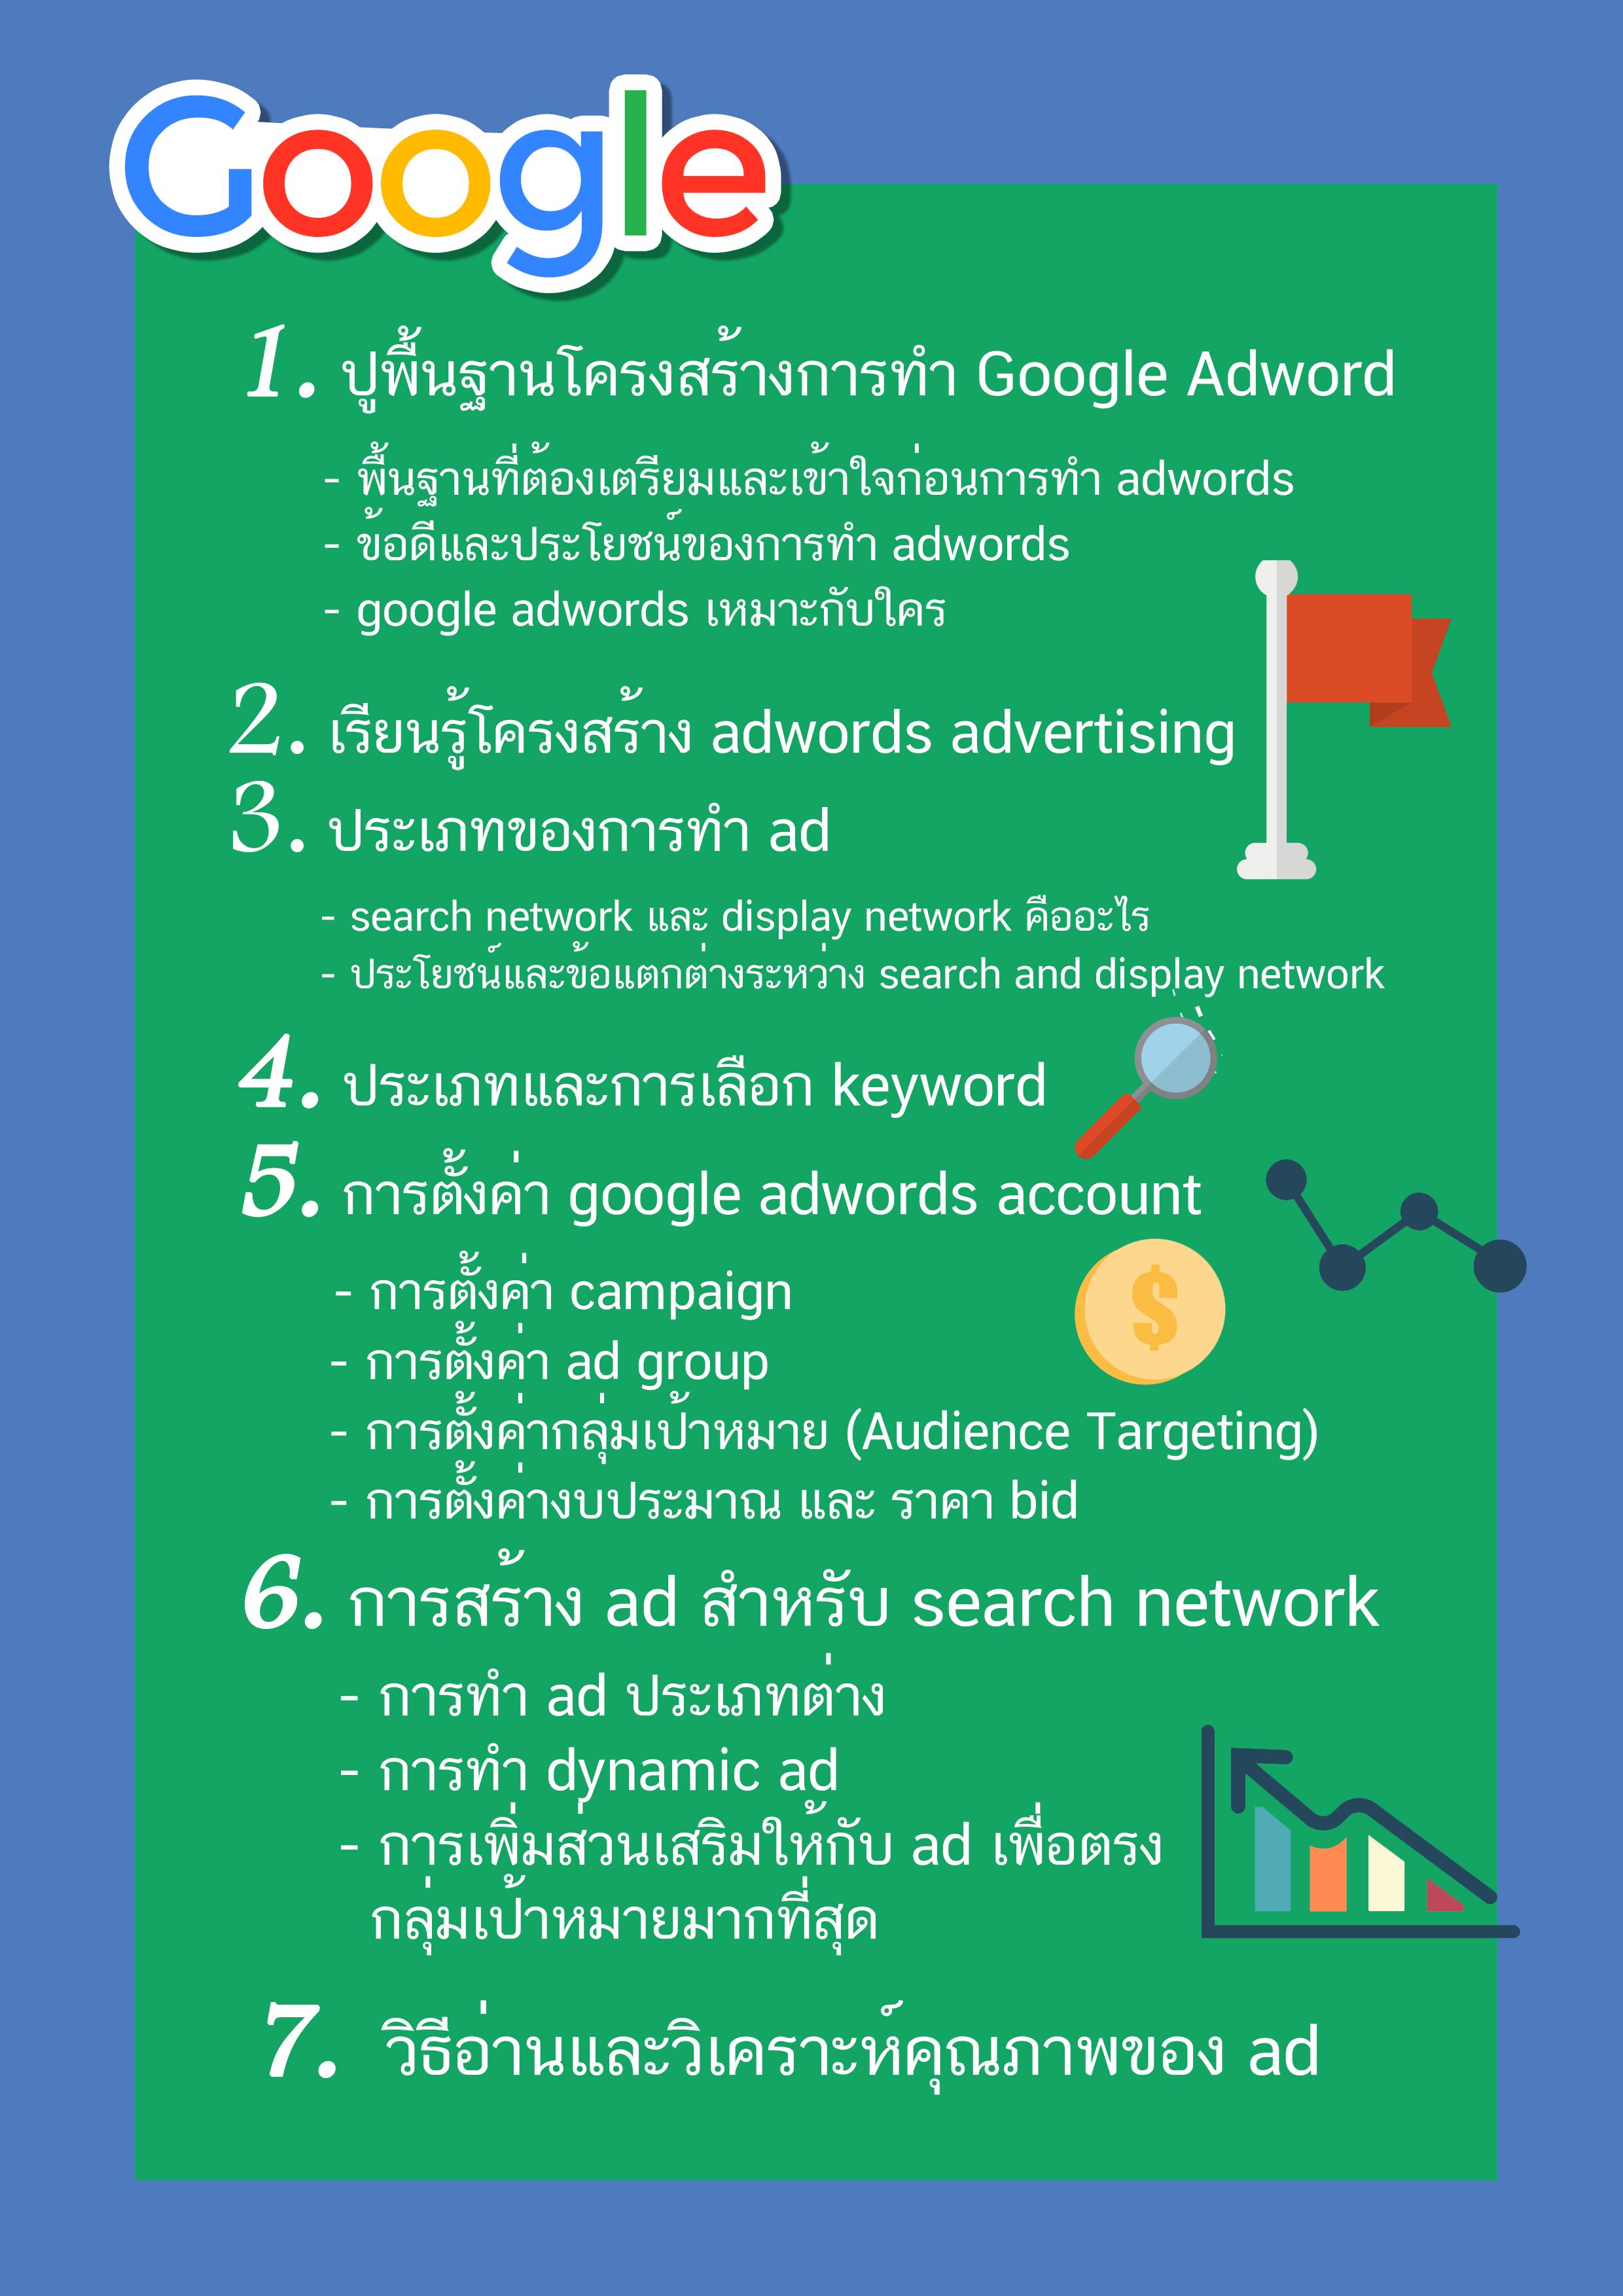 เนื้อหาการเรียนโฆษณาGoogle adwords โดยอาจารย์ใบตอง